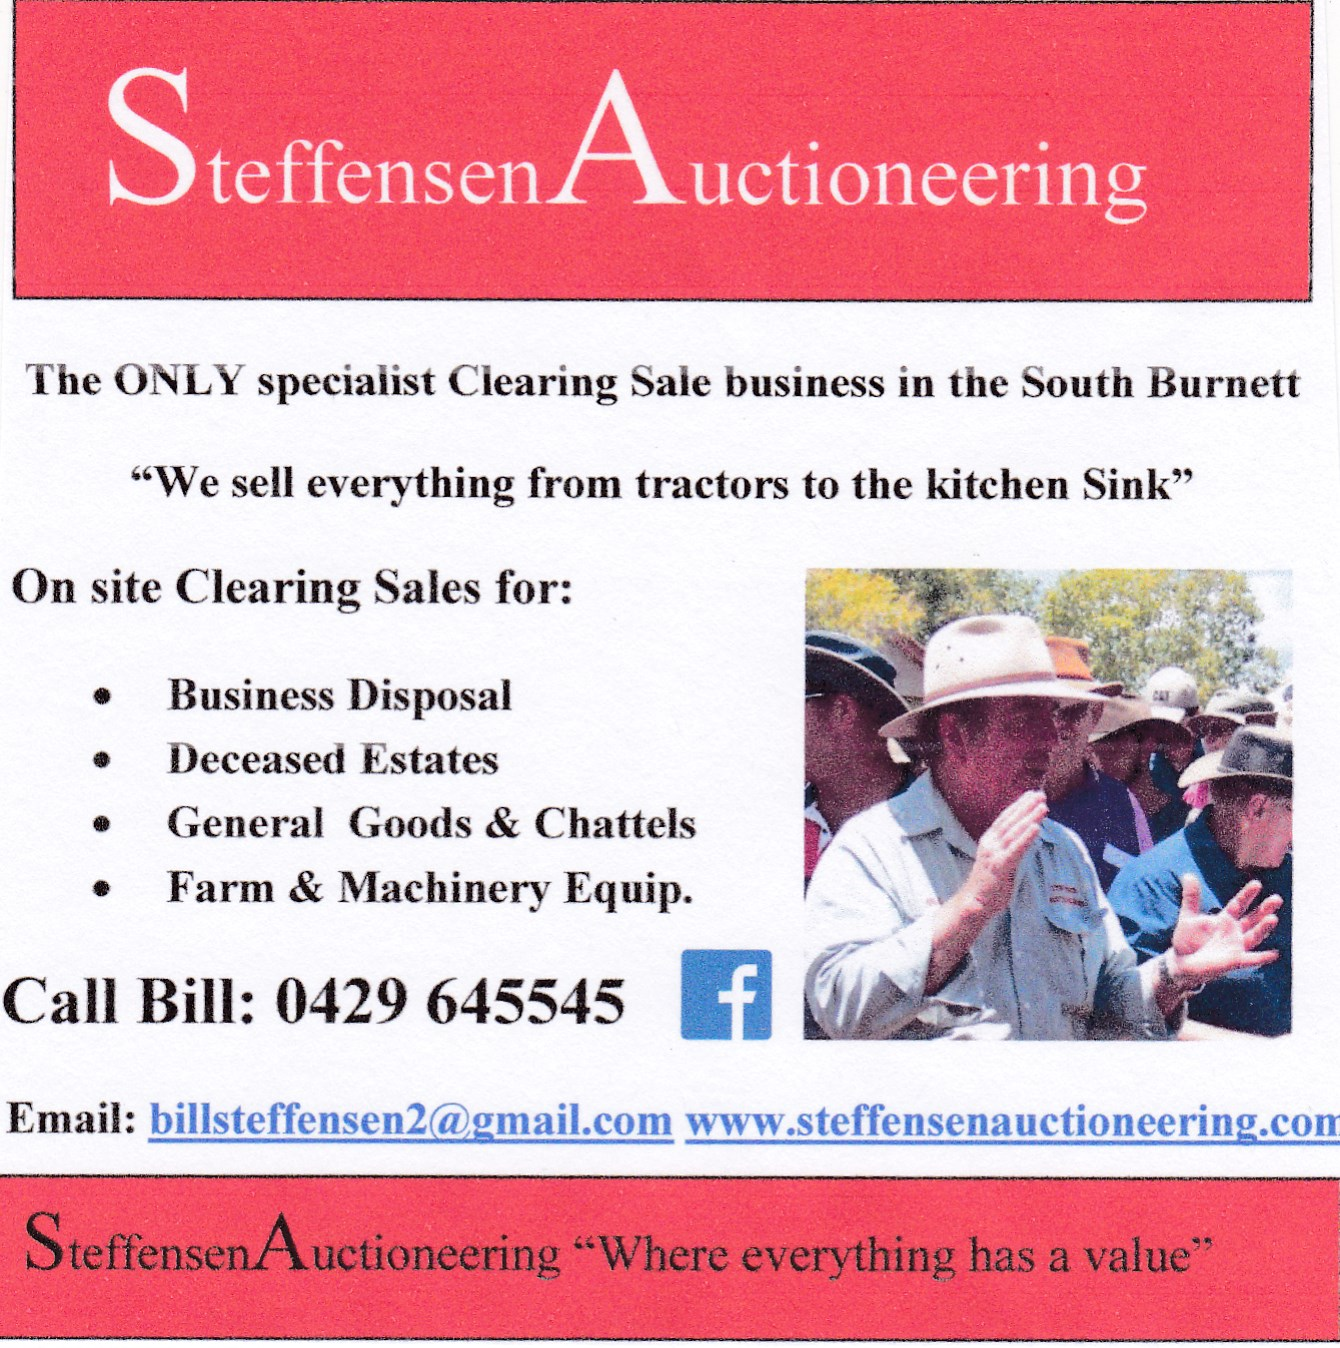 steffensen auctioneering ad